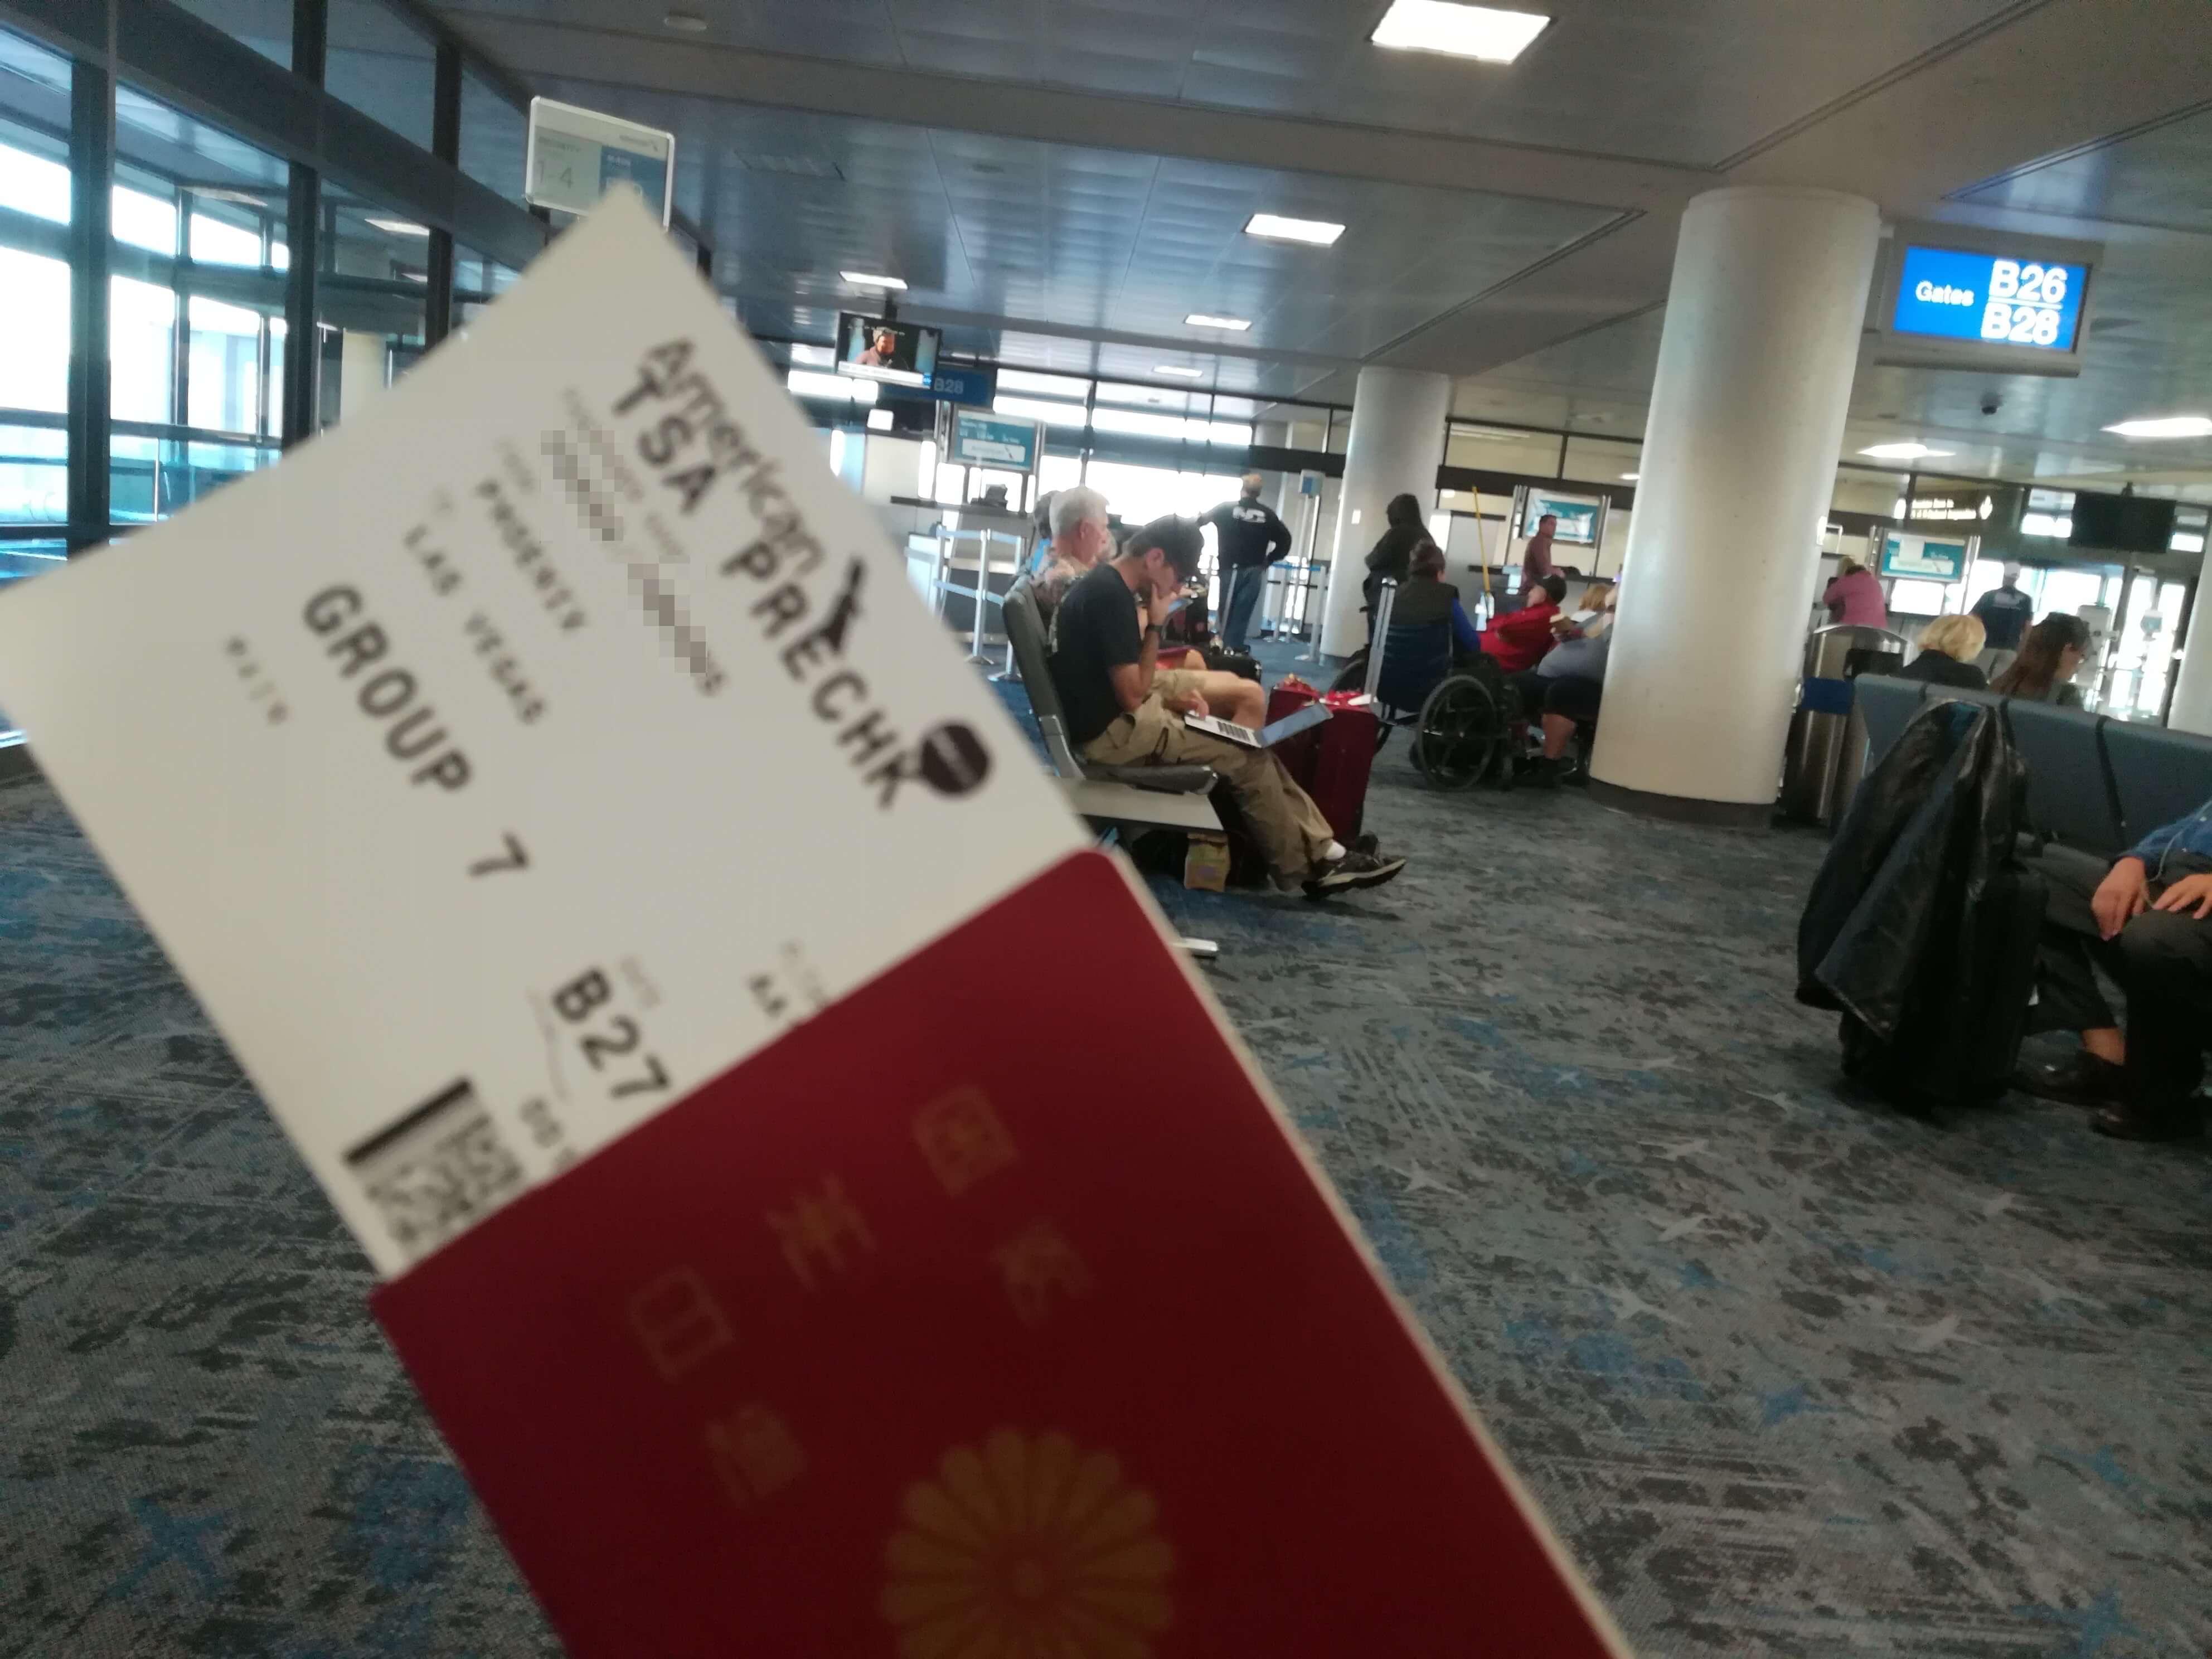 これは私の搭乗券